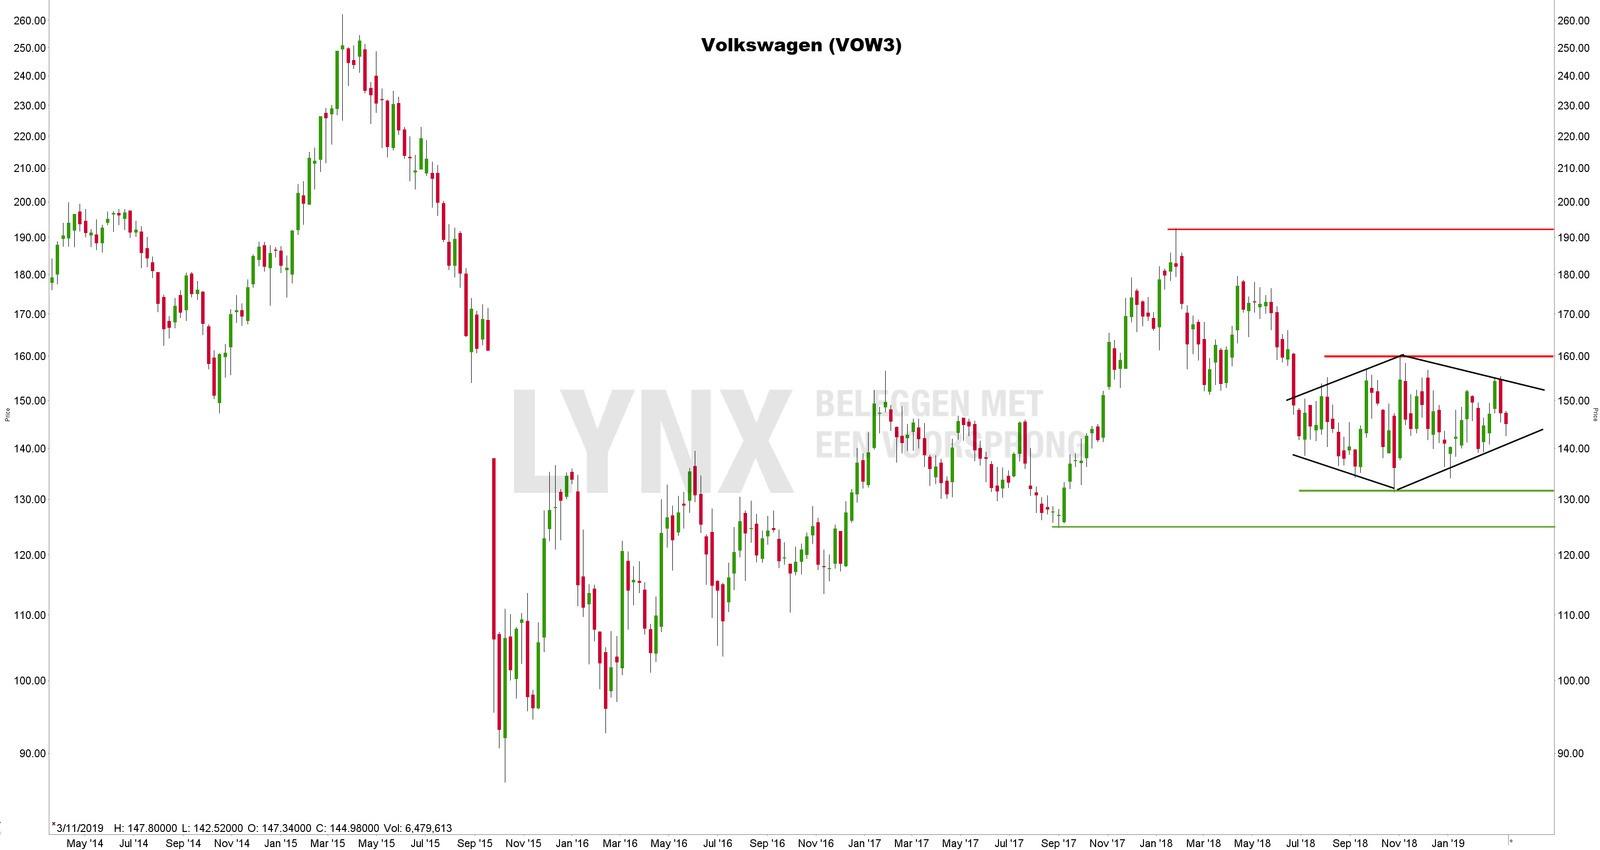 Technische analyse van het aandeel Volkswagen